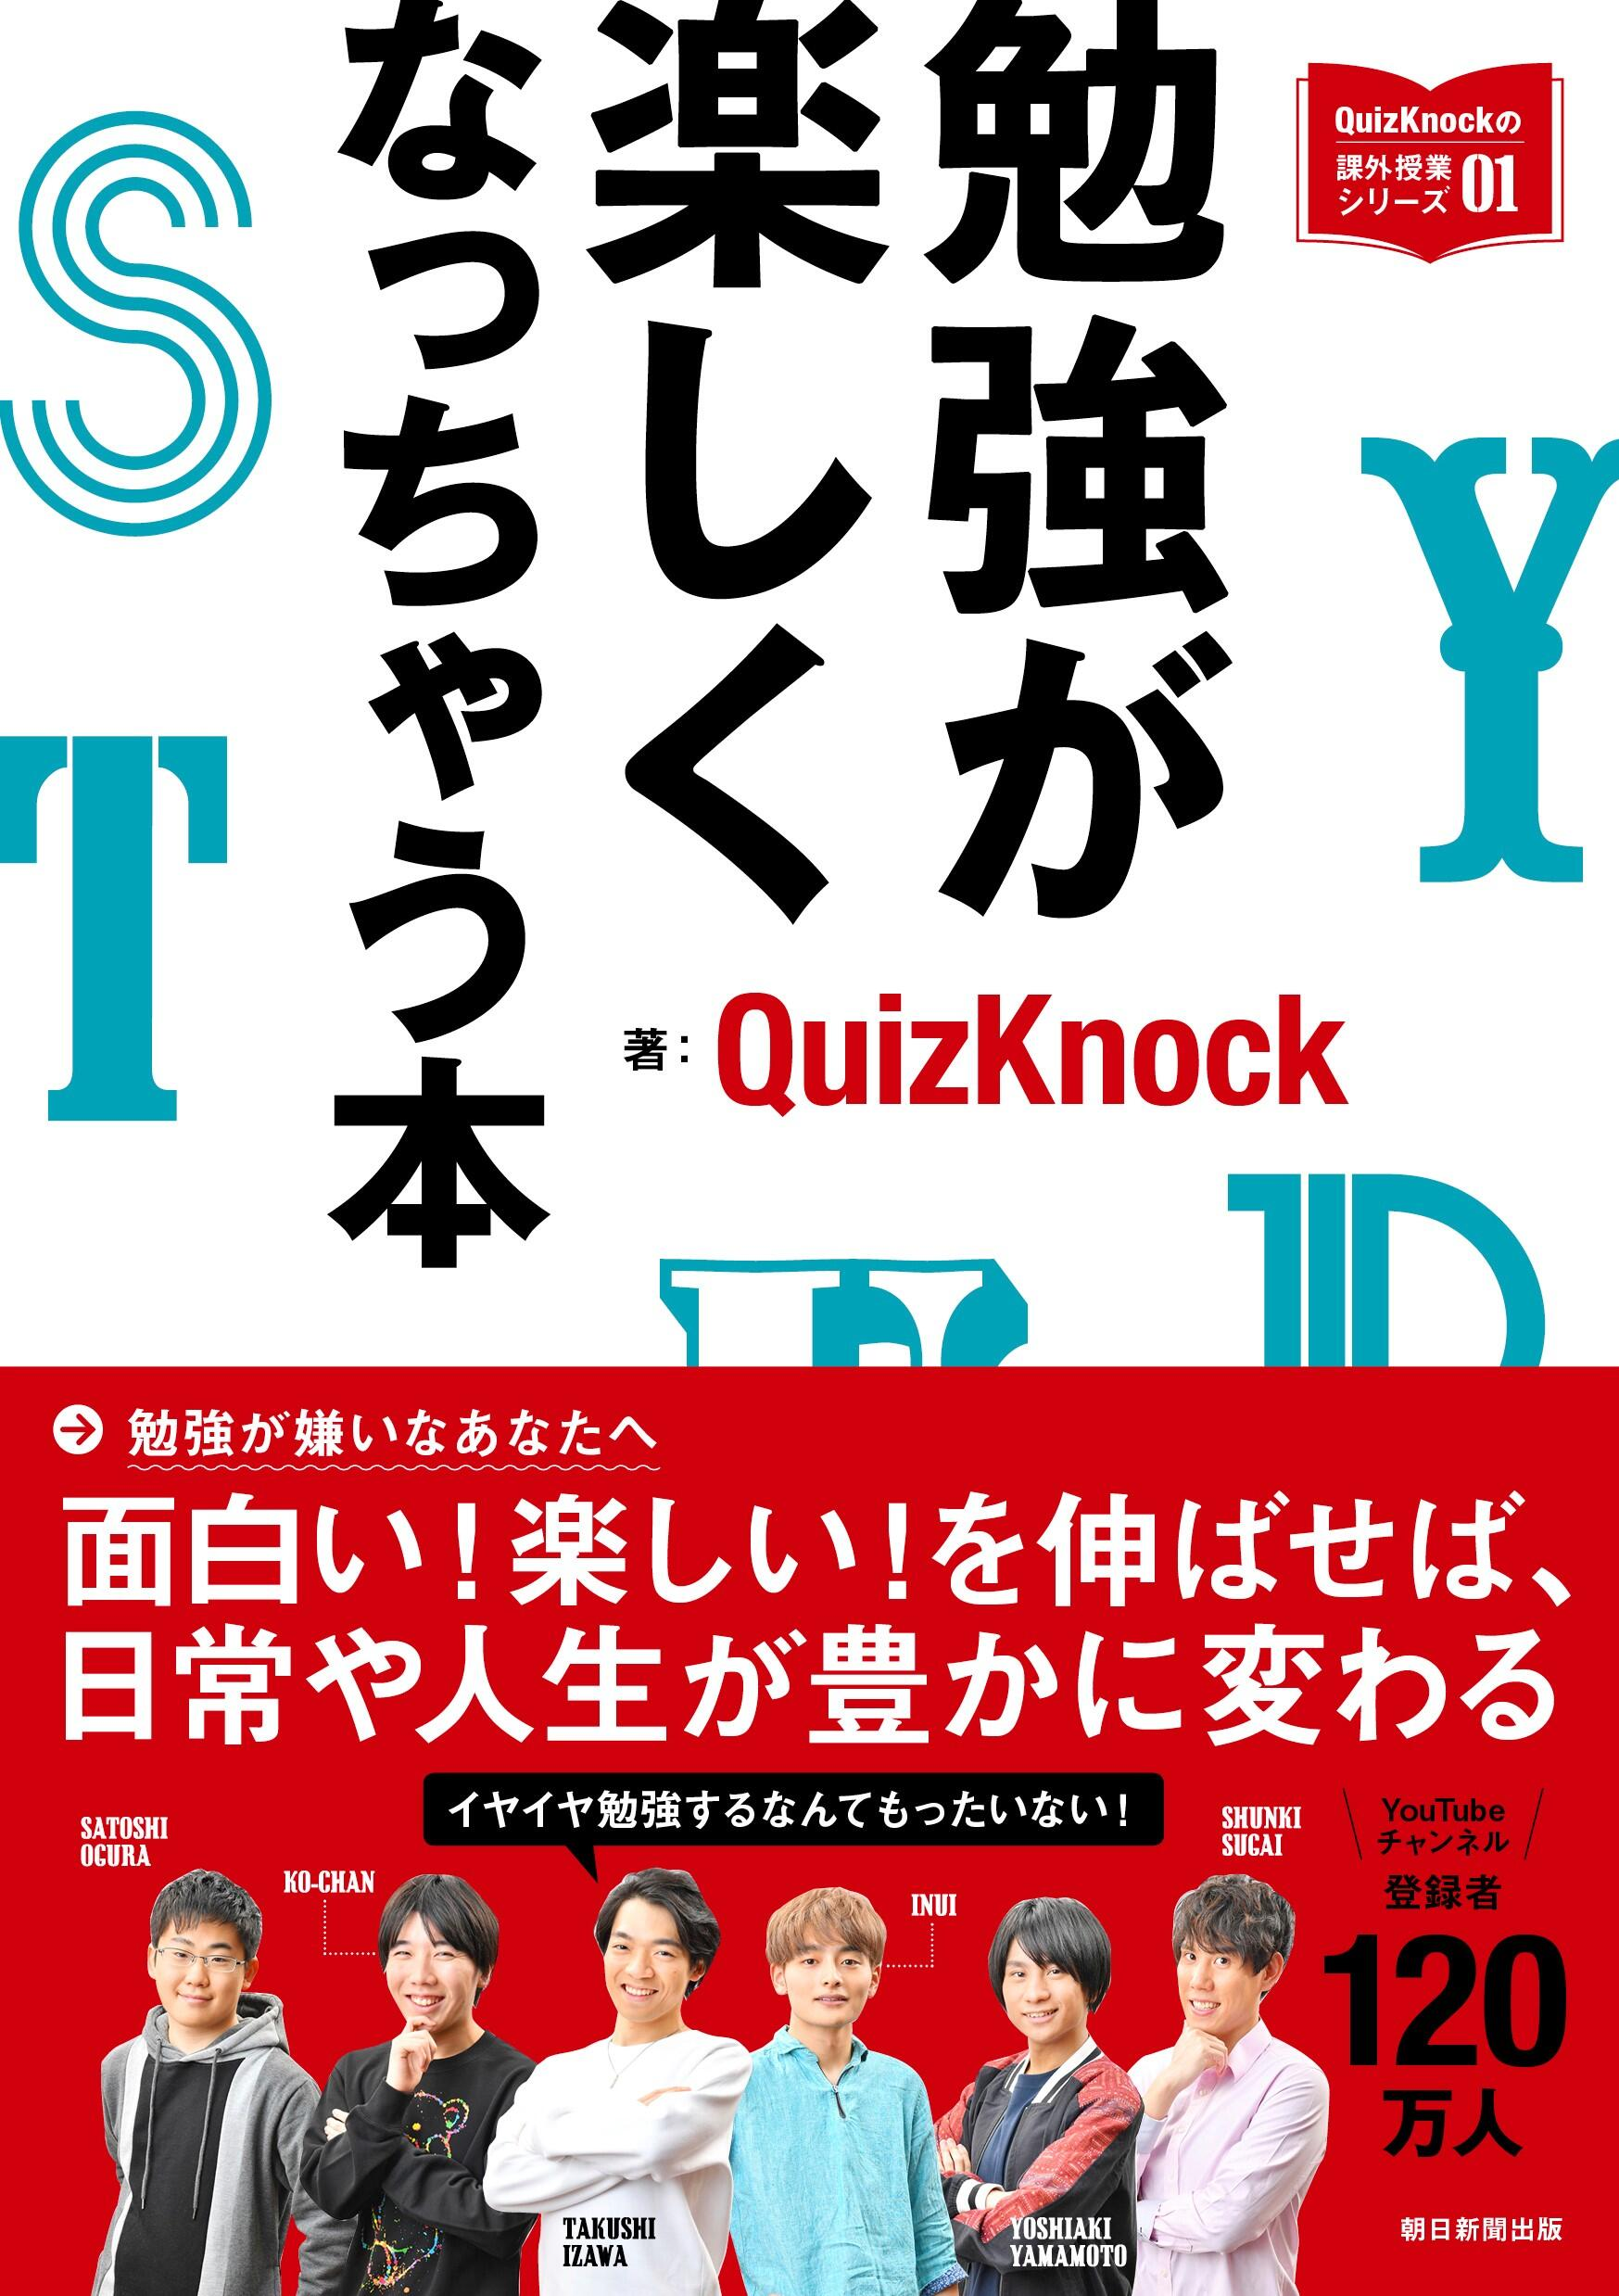 勉強が楽しくなっちゃう本 (QuizKnockの課外授業シリーズ01)